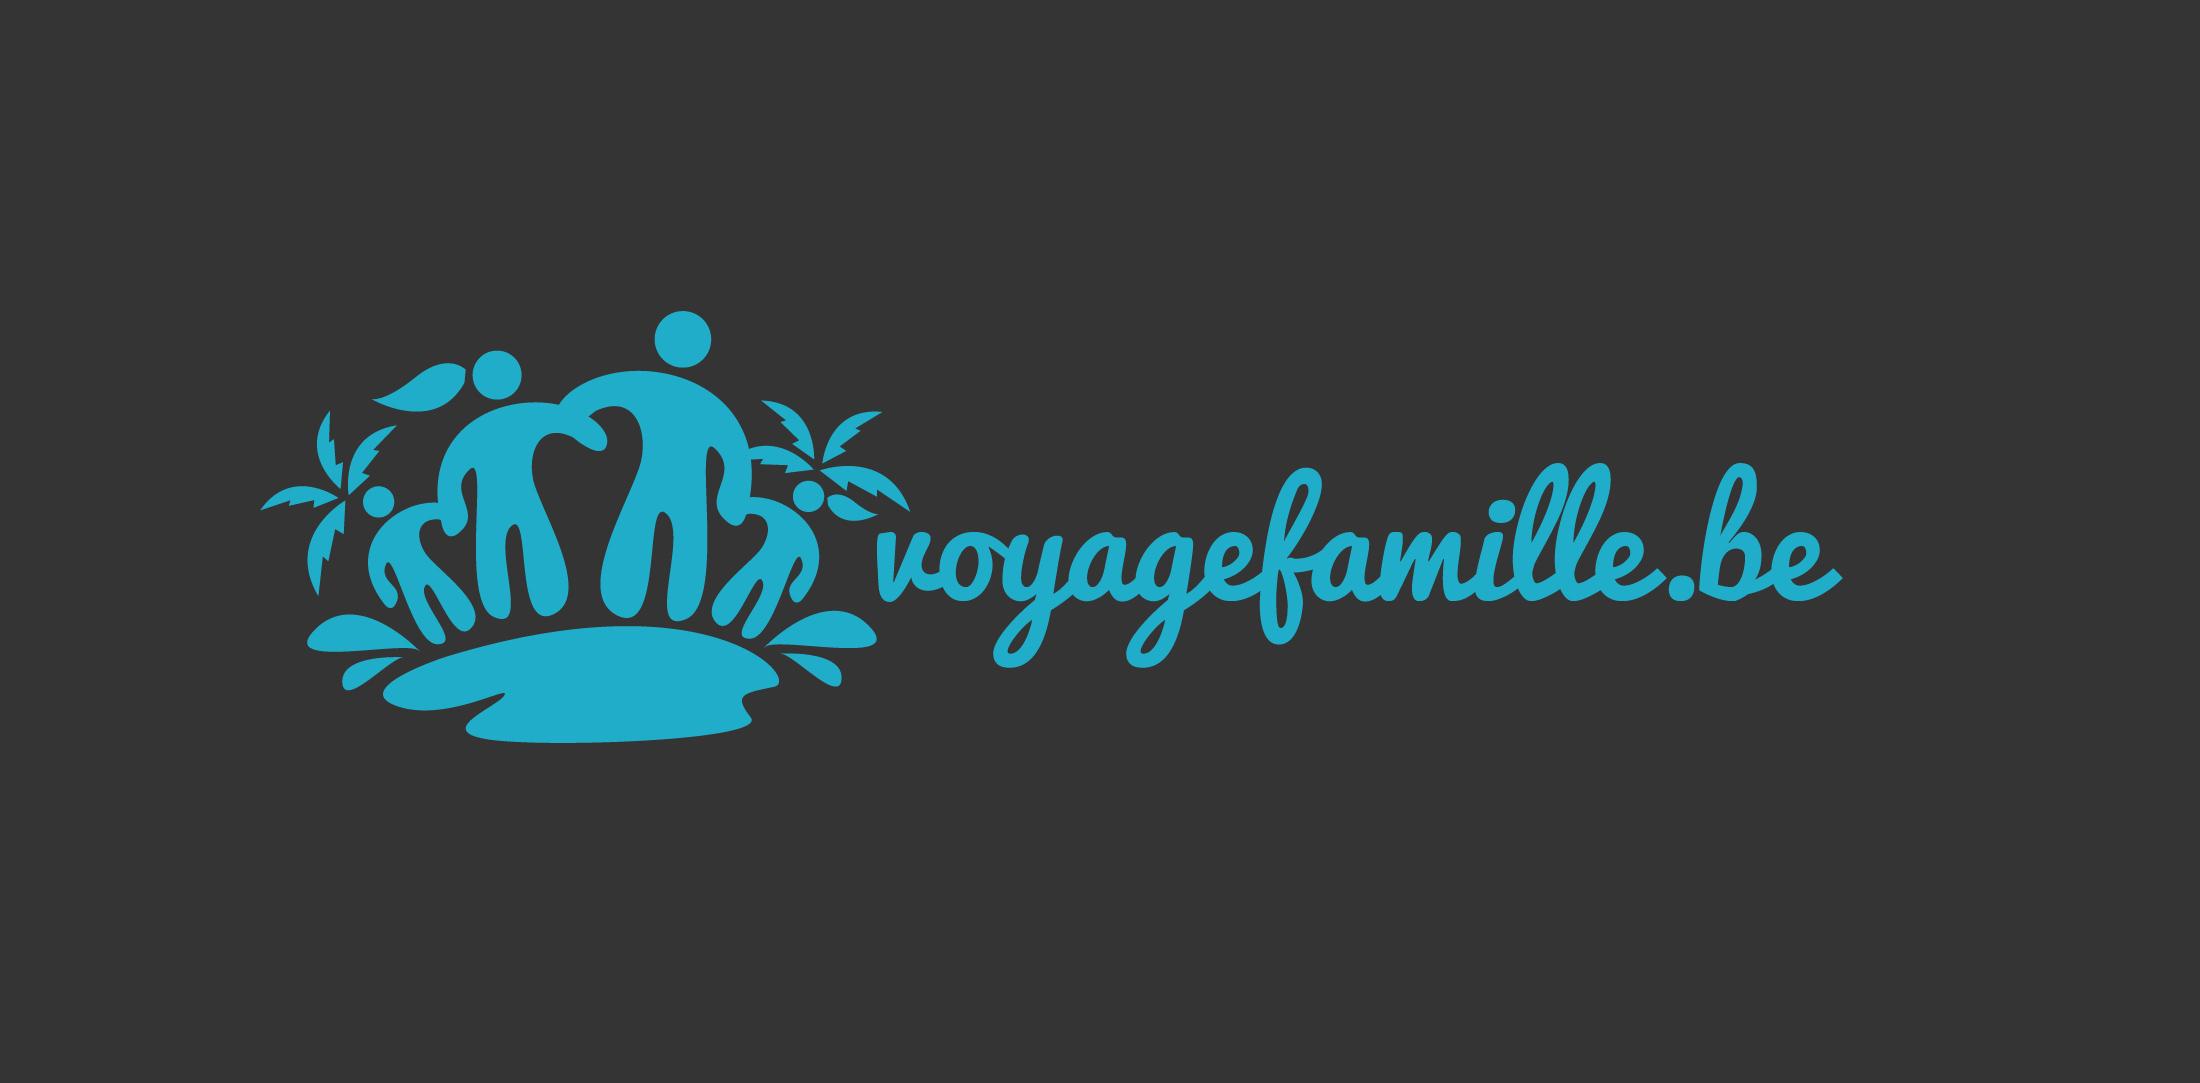 voyagefamille